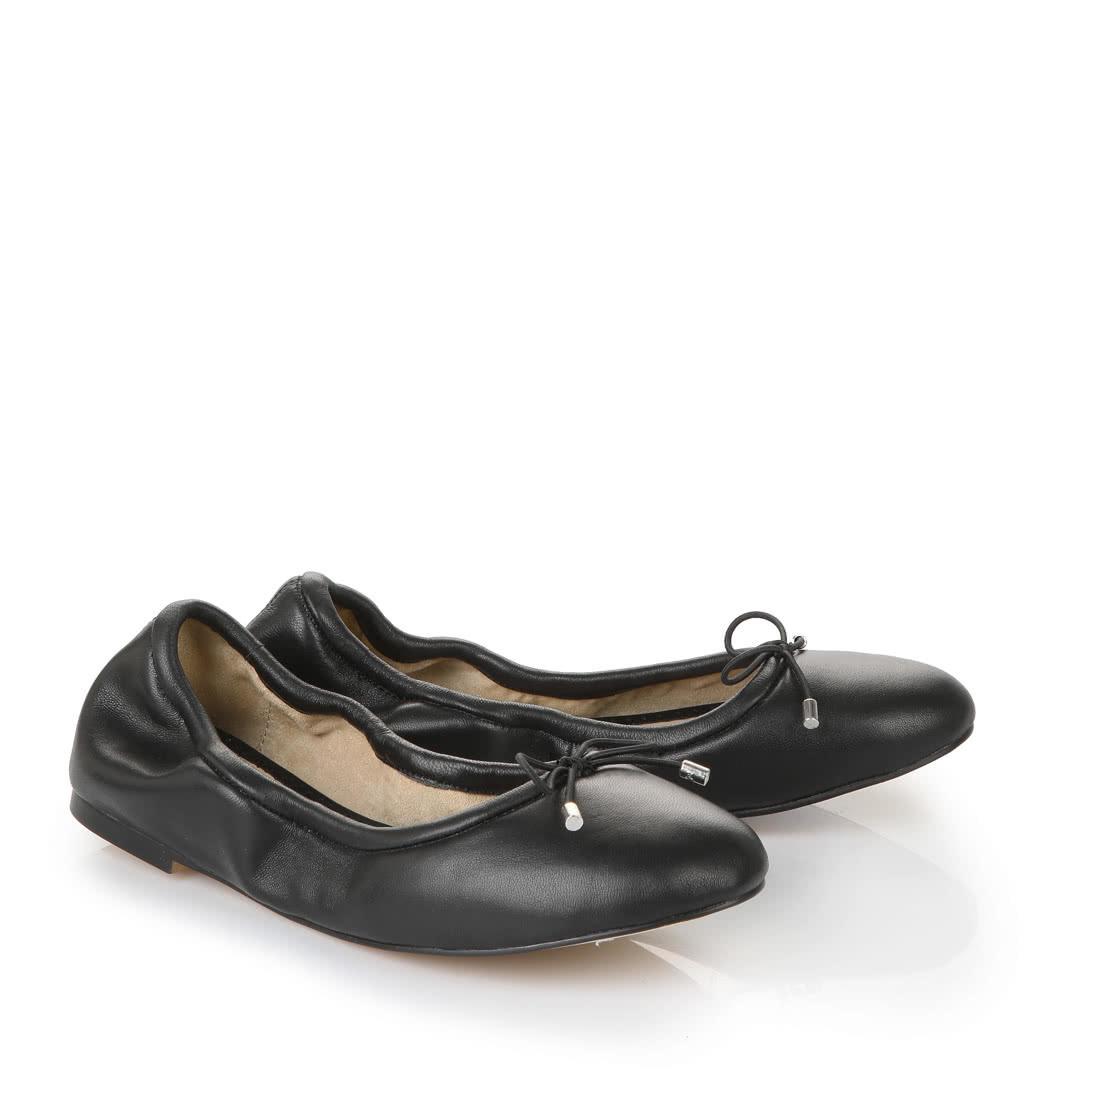 a6e57edf567 Buffalo Ballerina in schwarz aus Leder online kaufen | BUFFALO®